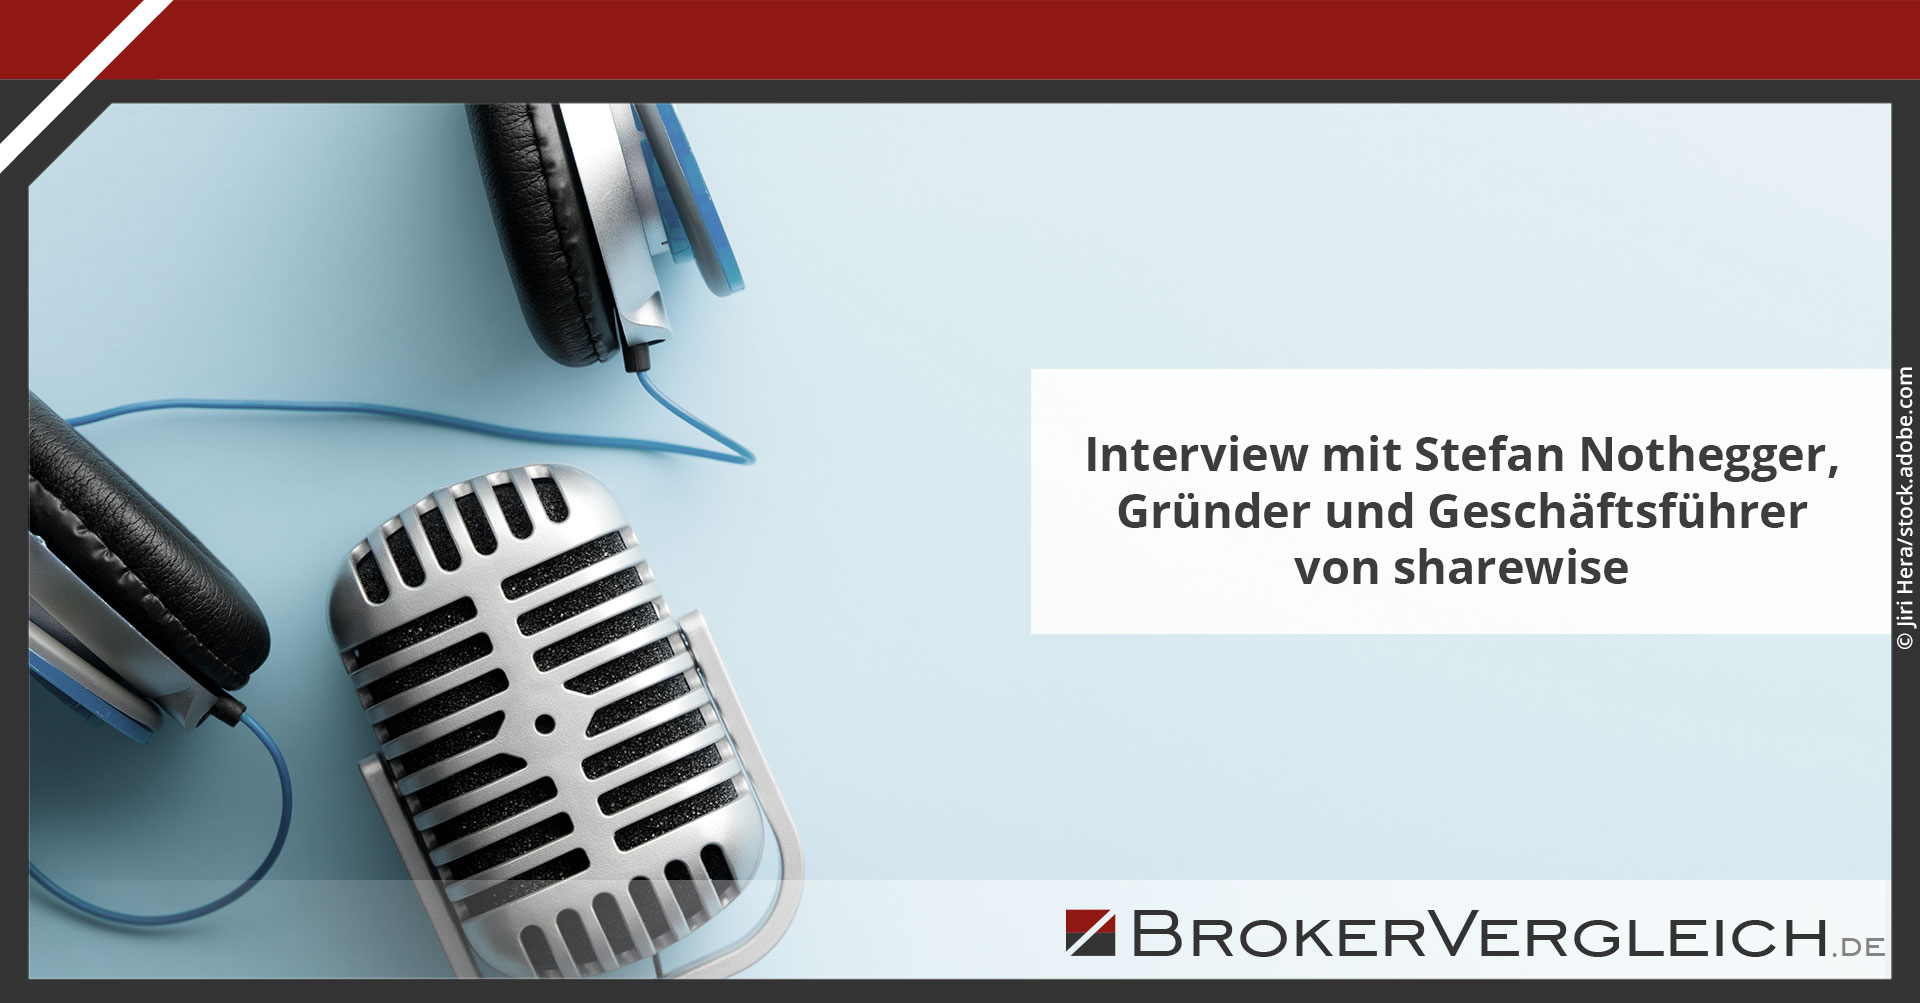 Zum Beitrag - Interview mit Stefan Nothegger, Gründer und Geschäftsführer von sharewise